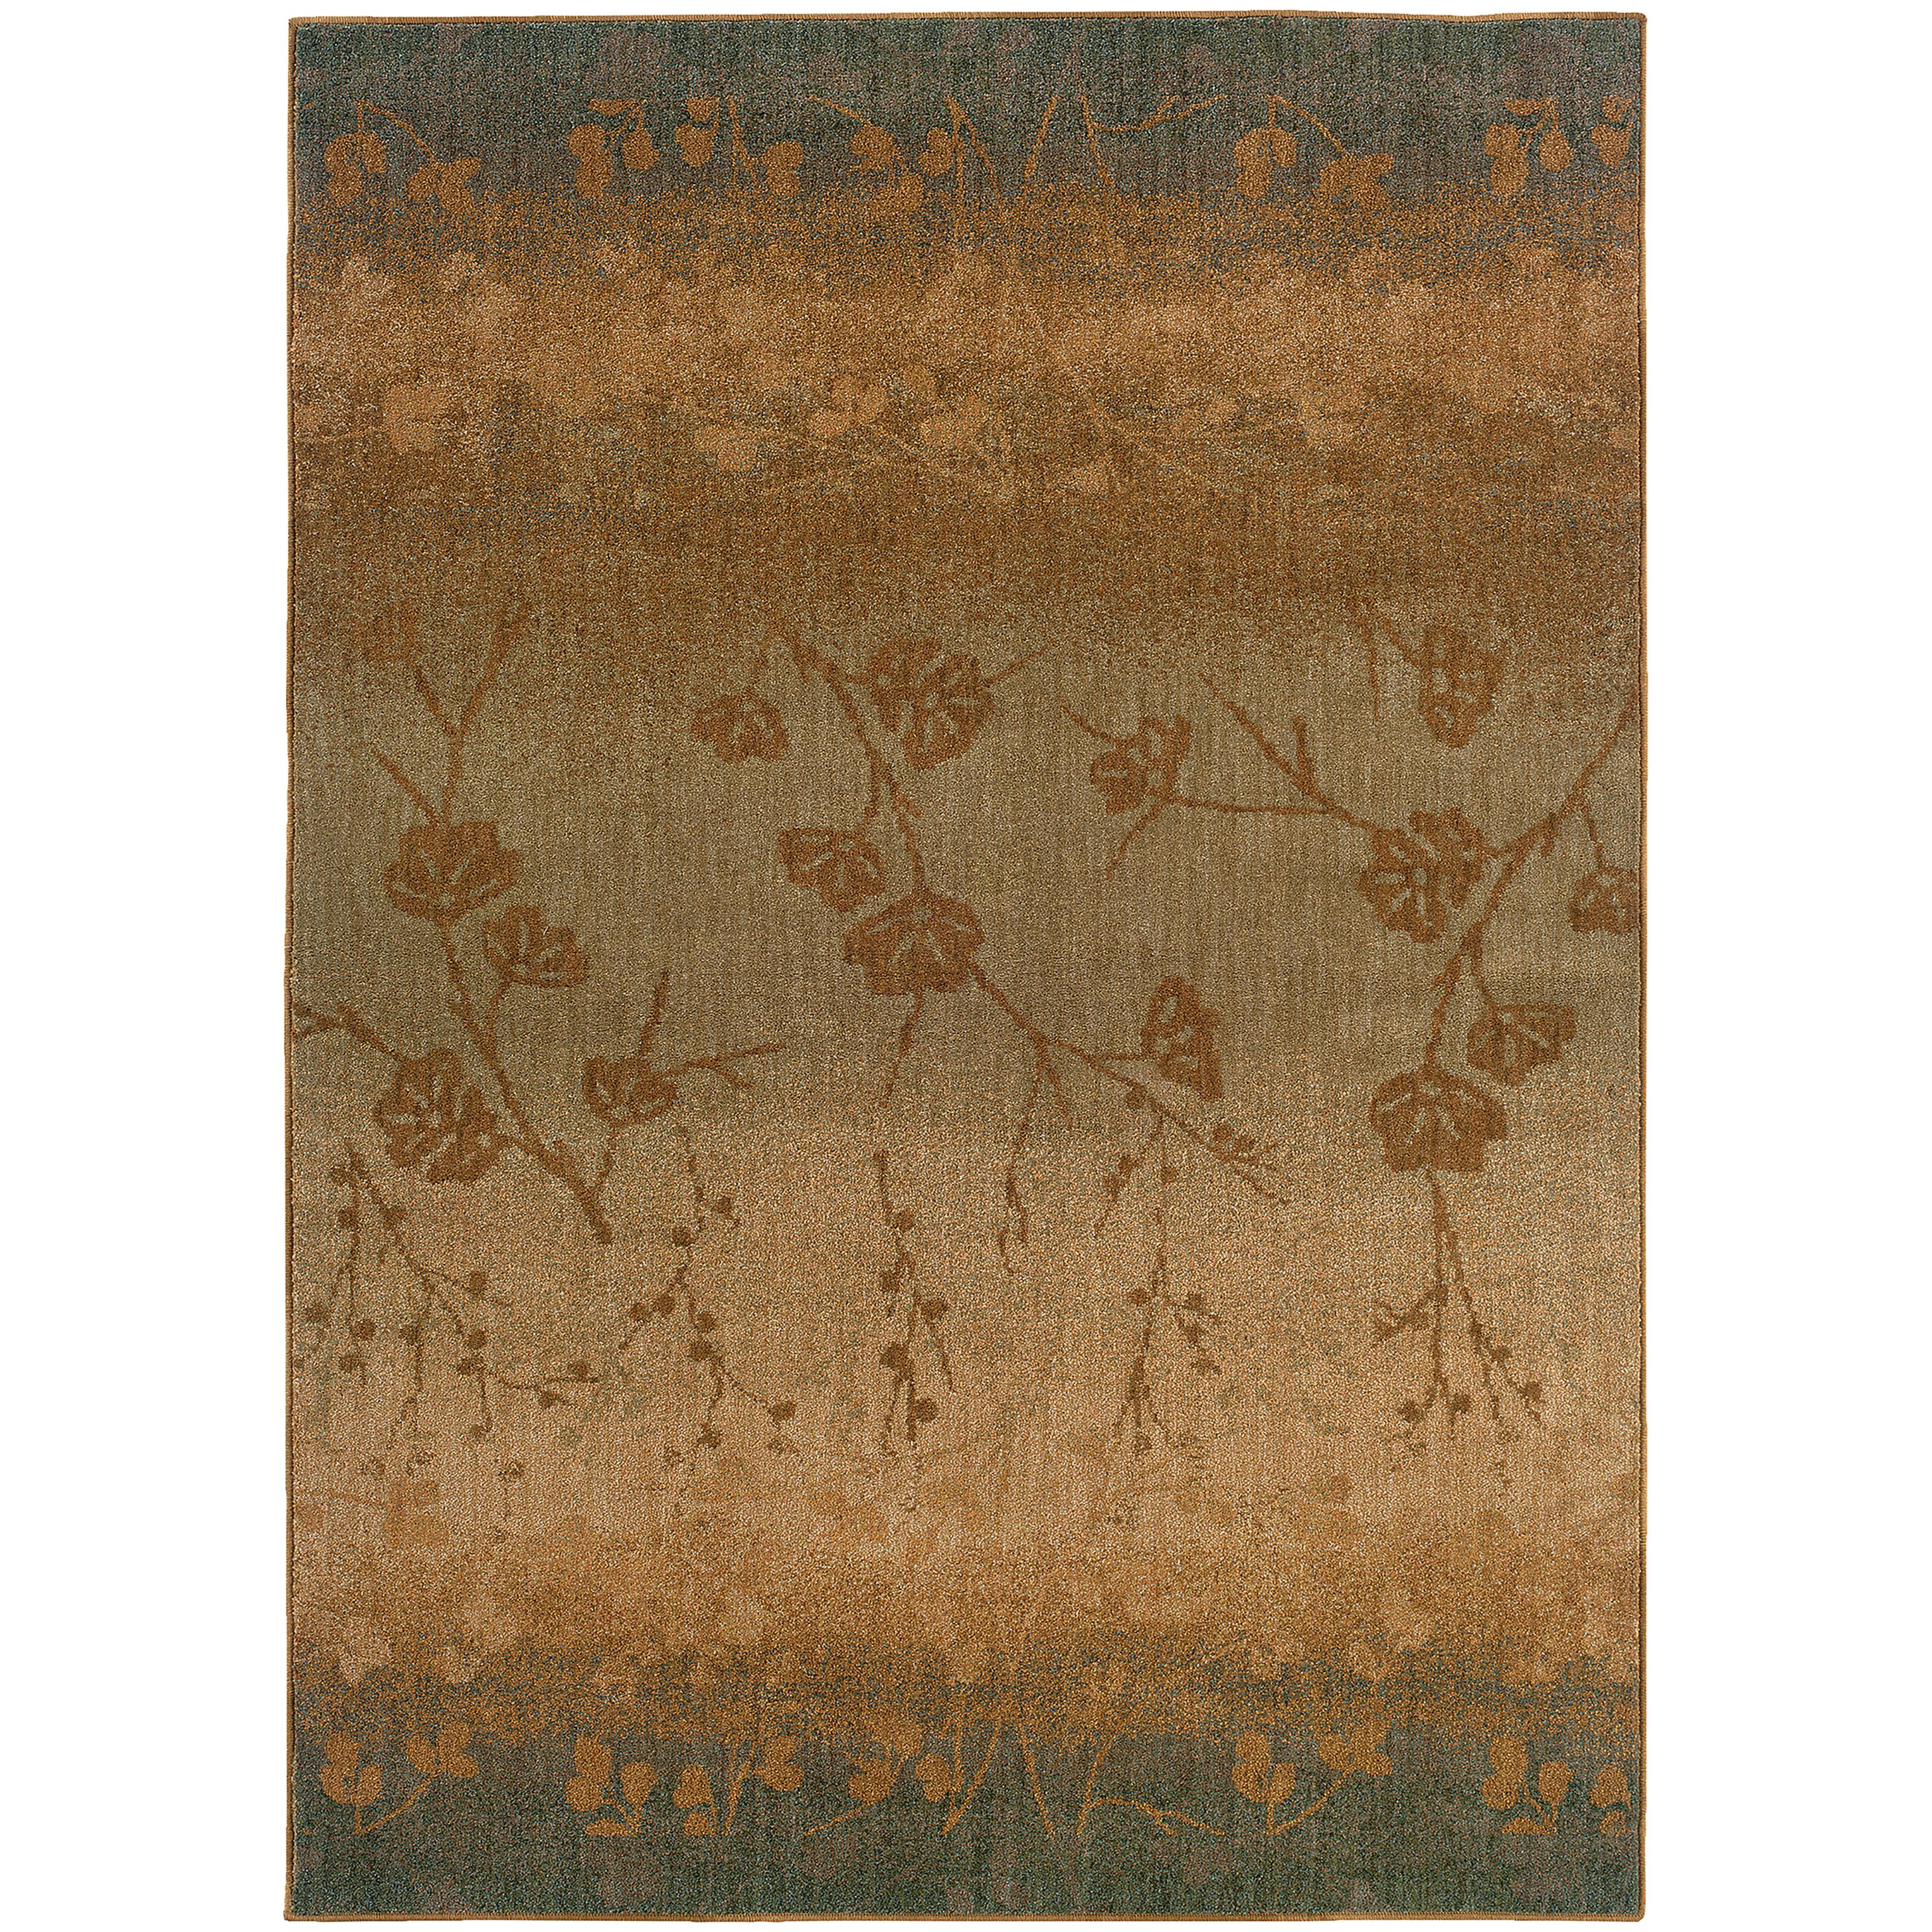 Oriental Weavers Infinity 7 8 Quot X 10 10 Quot Rug Darvin